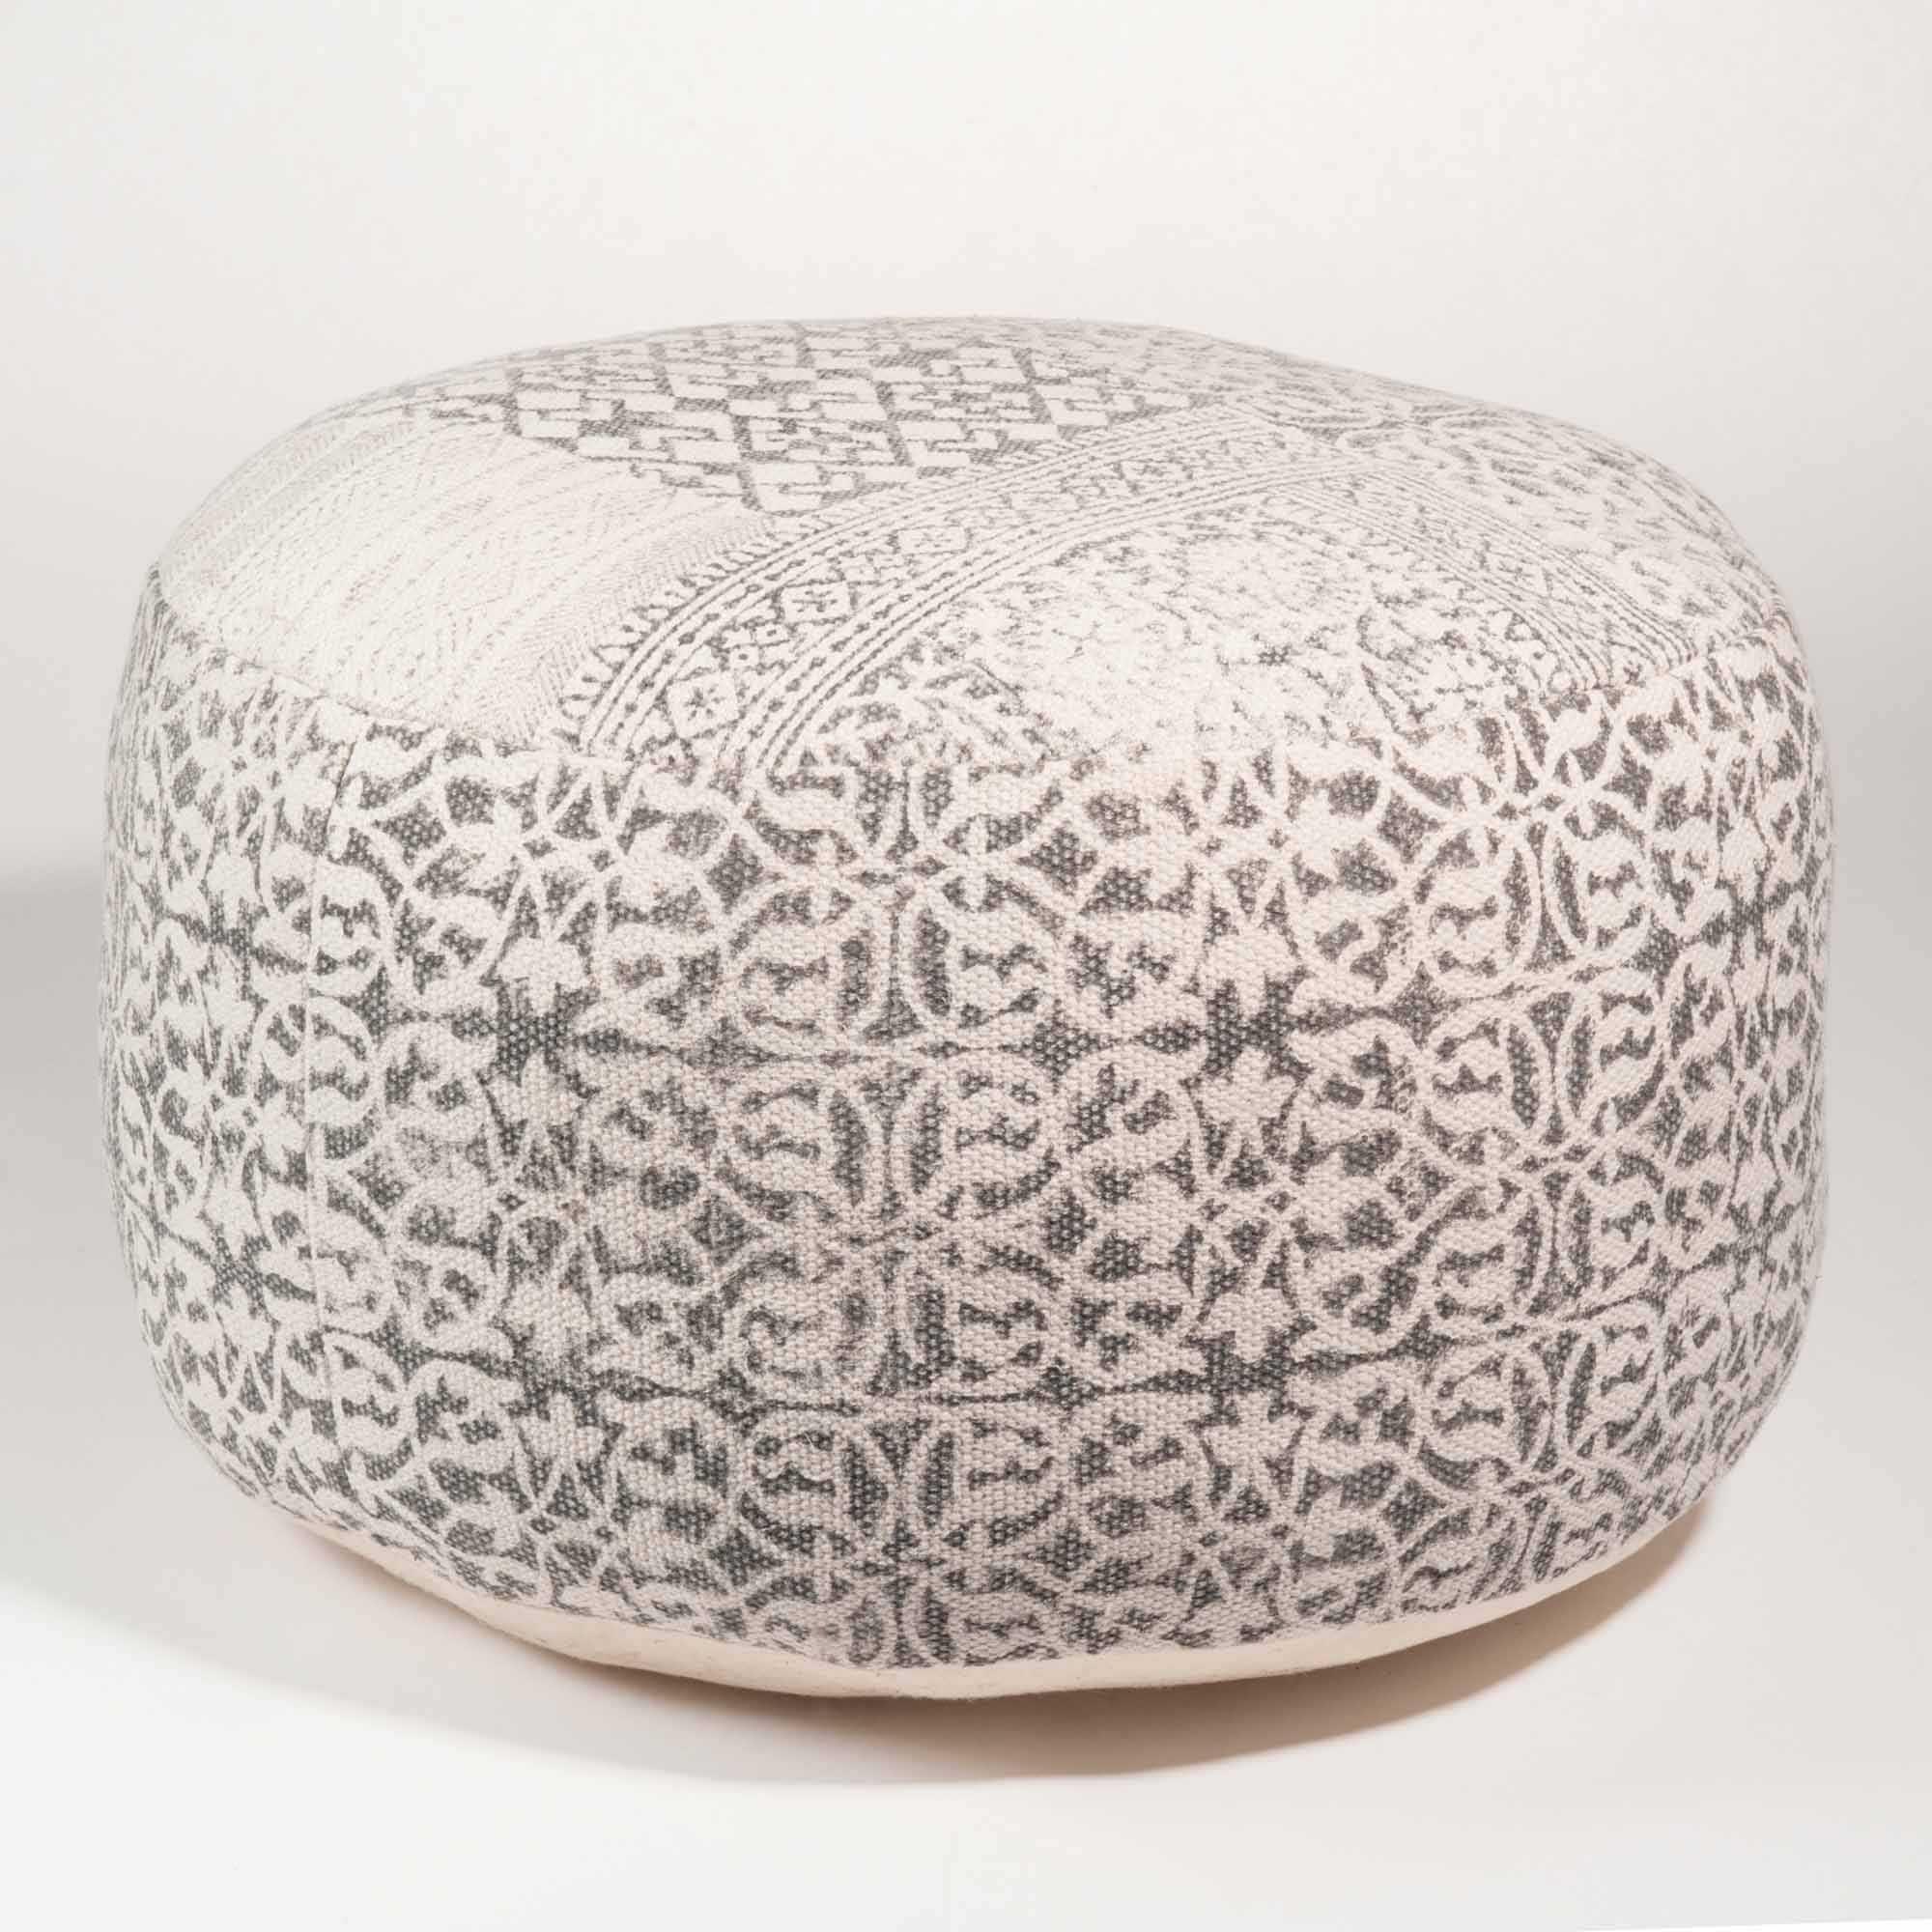 pouf maison du monde excellent pouf strass pvc argent with pouf maison du monde best charmant. Black Bedroom Furniture Sets. Home Design Ideas